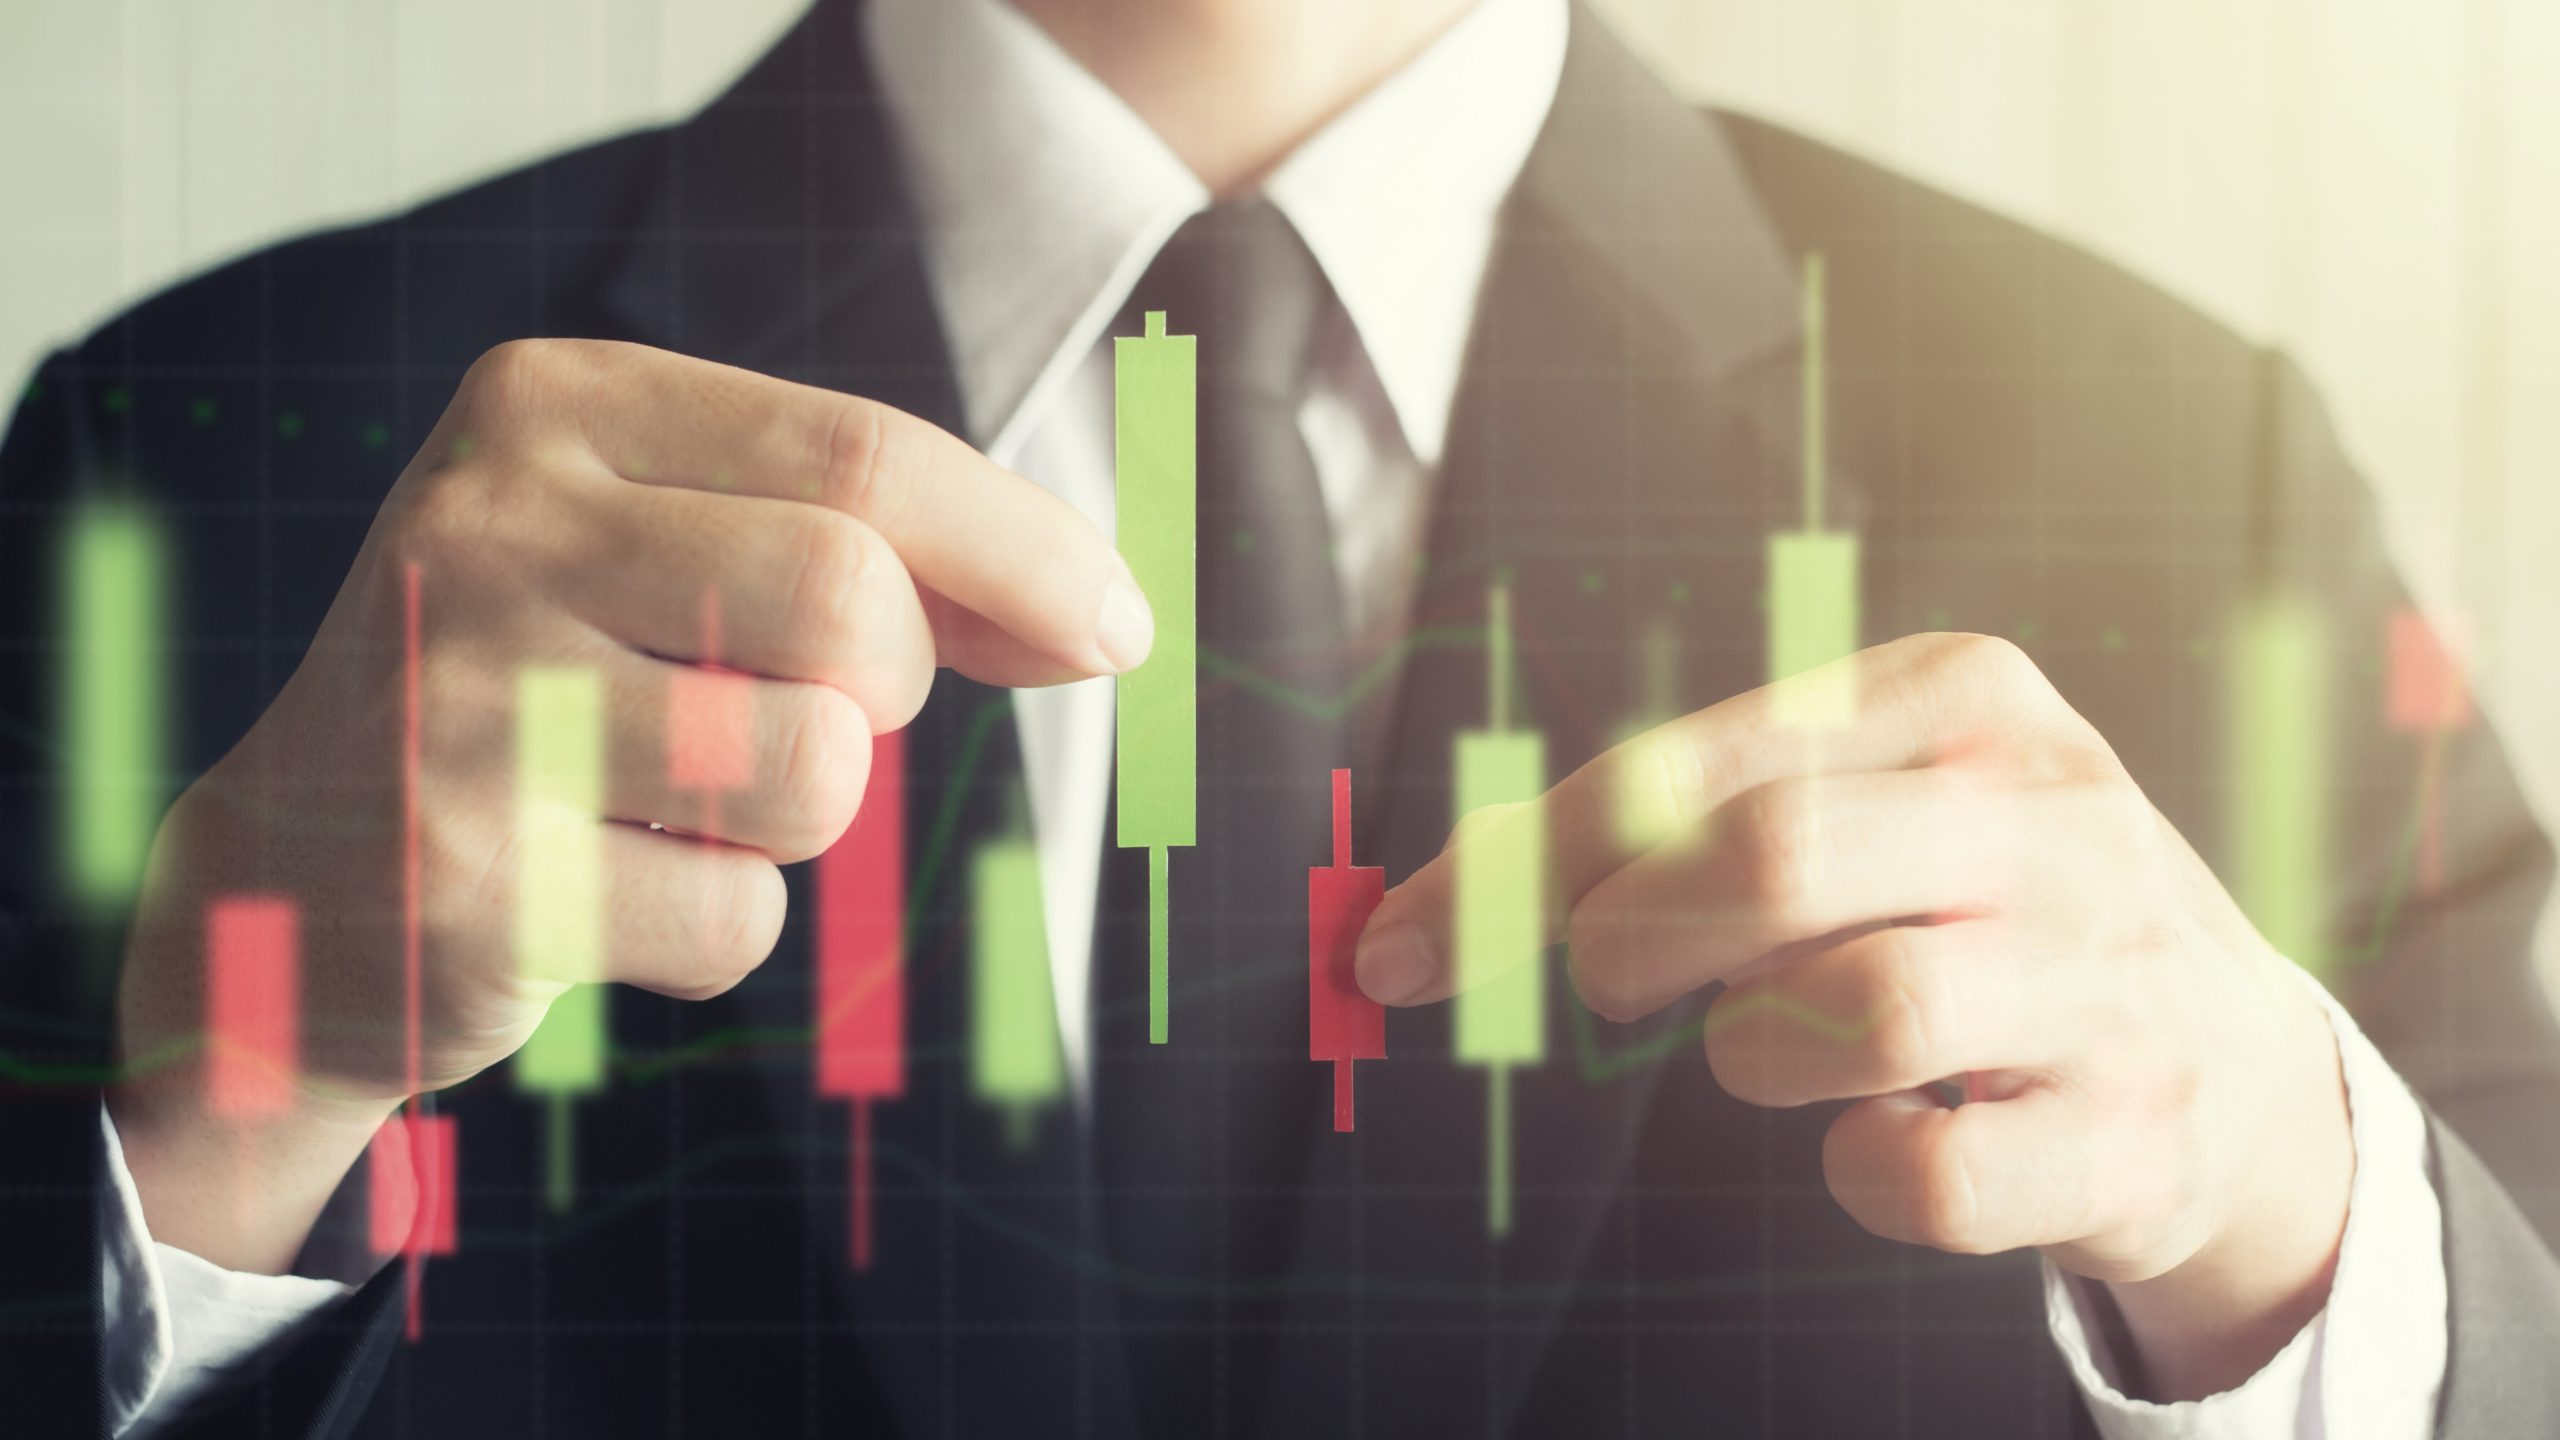 bitcoin btc fiyat analizi risk suruyor daha fazla duser mi